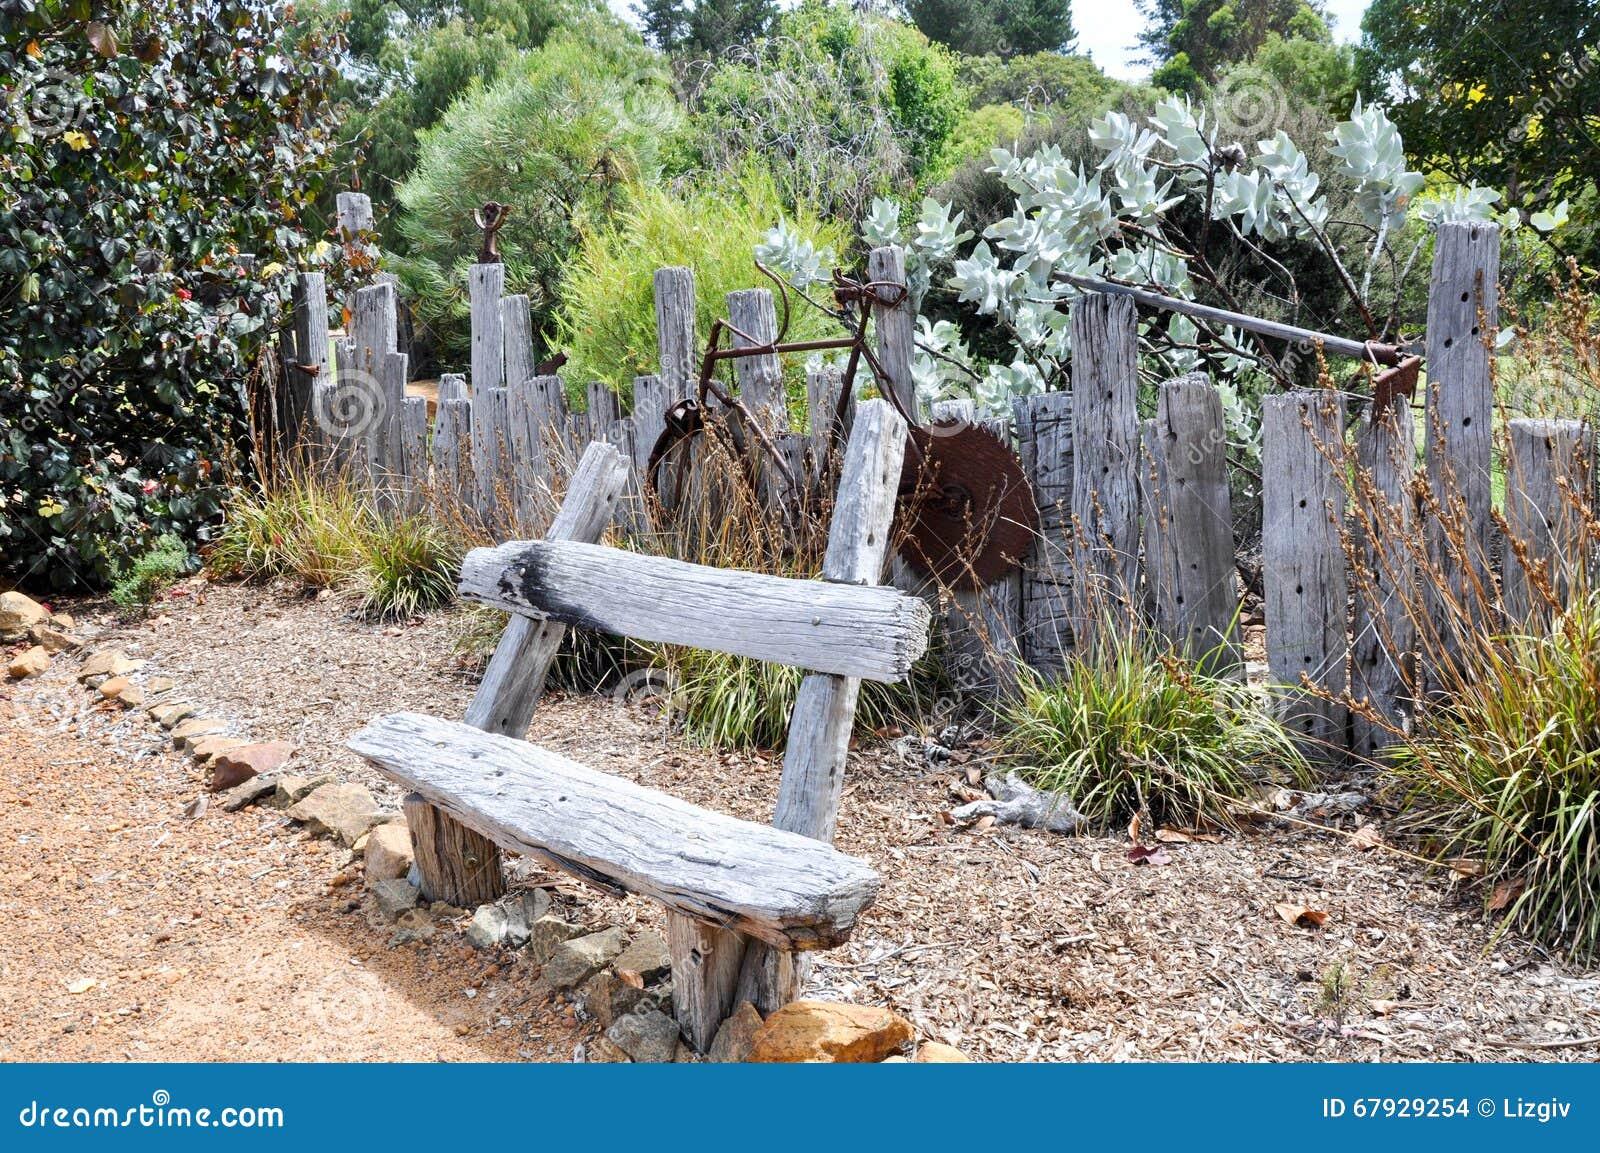 Rustic garden decor editorial stock image image of for Casas rusticas con jardin